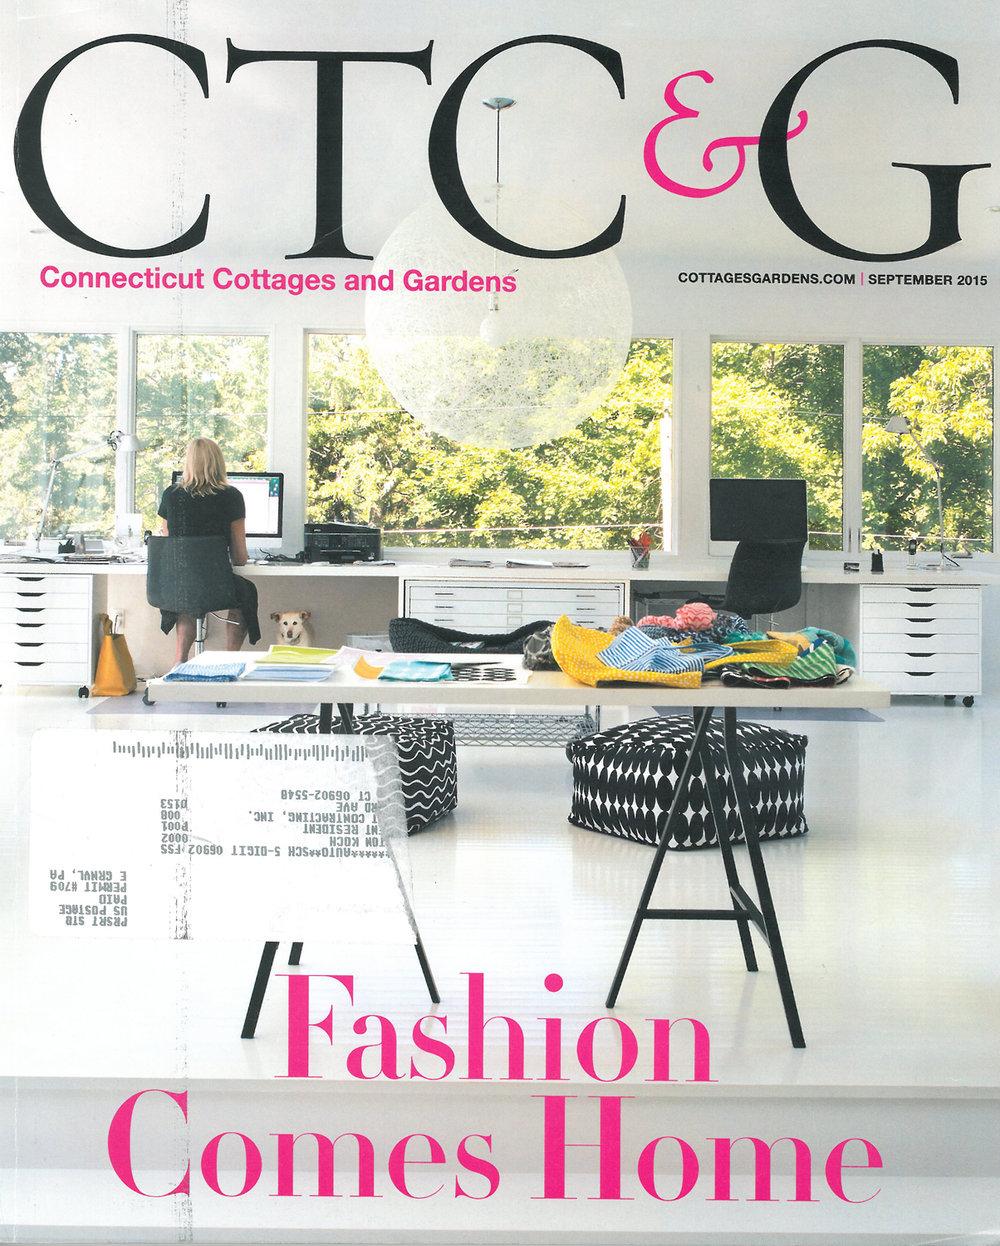 CT Cottages & Gardens September 2015